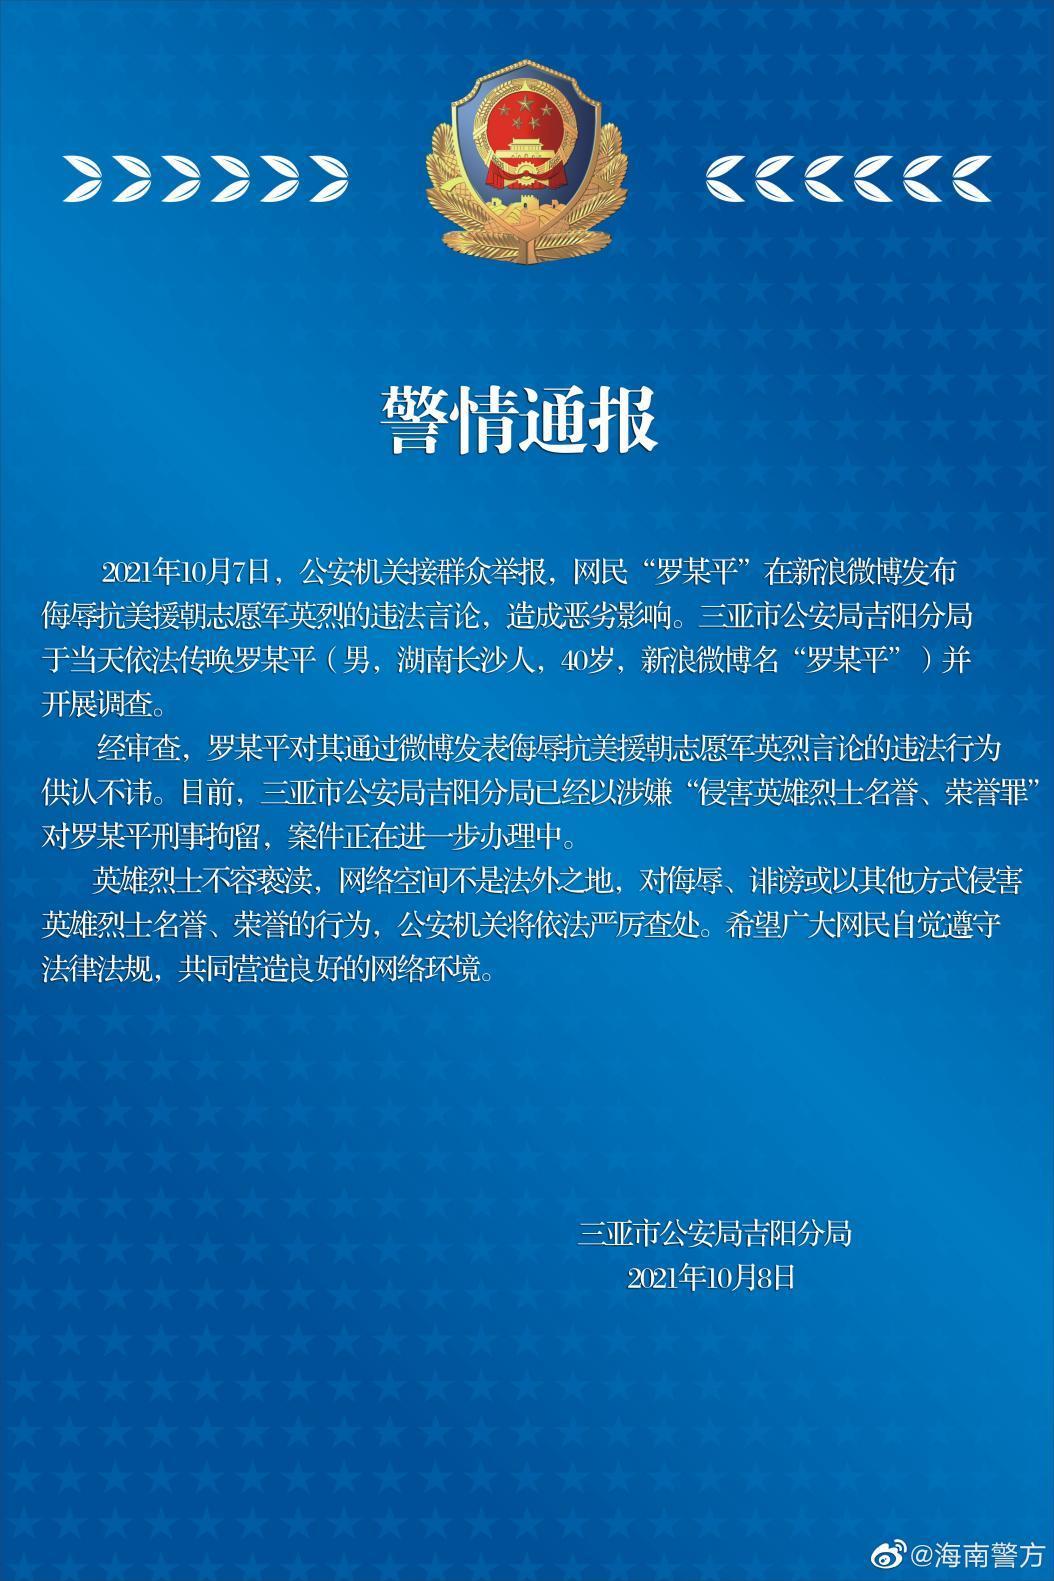 大V罗昌平涉嫌侮辱英烈被刑拘(图1)